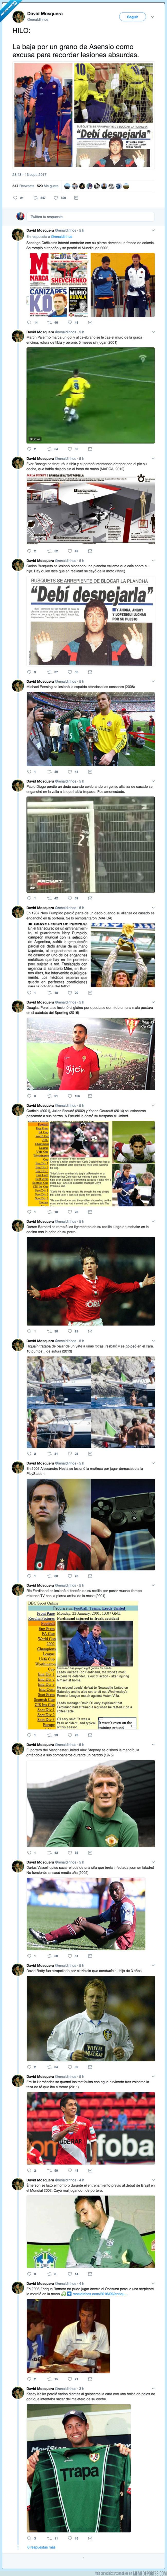 999596 - Lesiones abusrdas en el mundo del fútbol